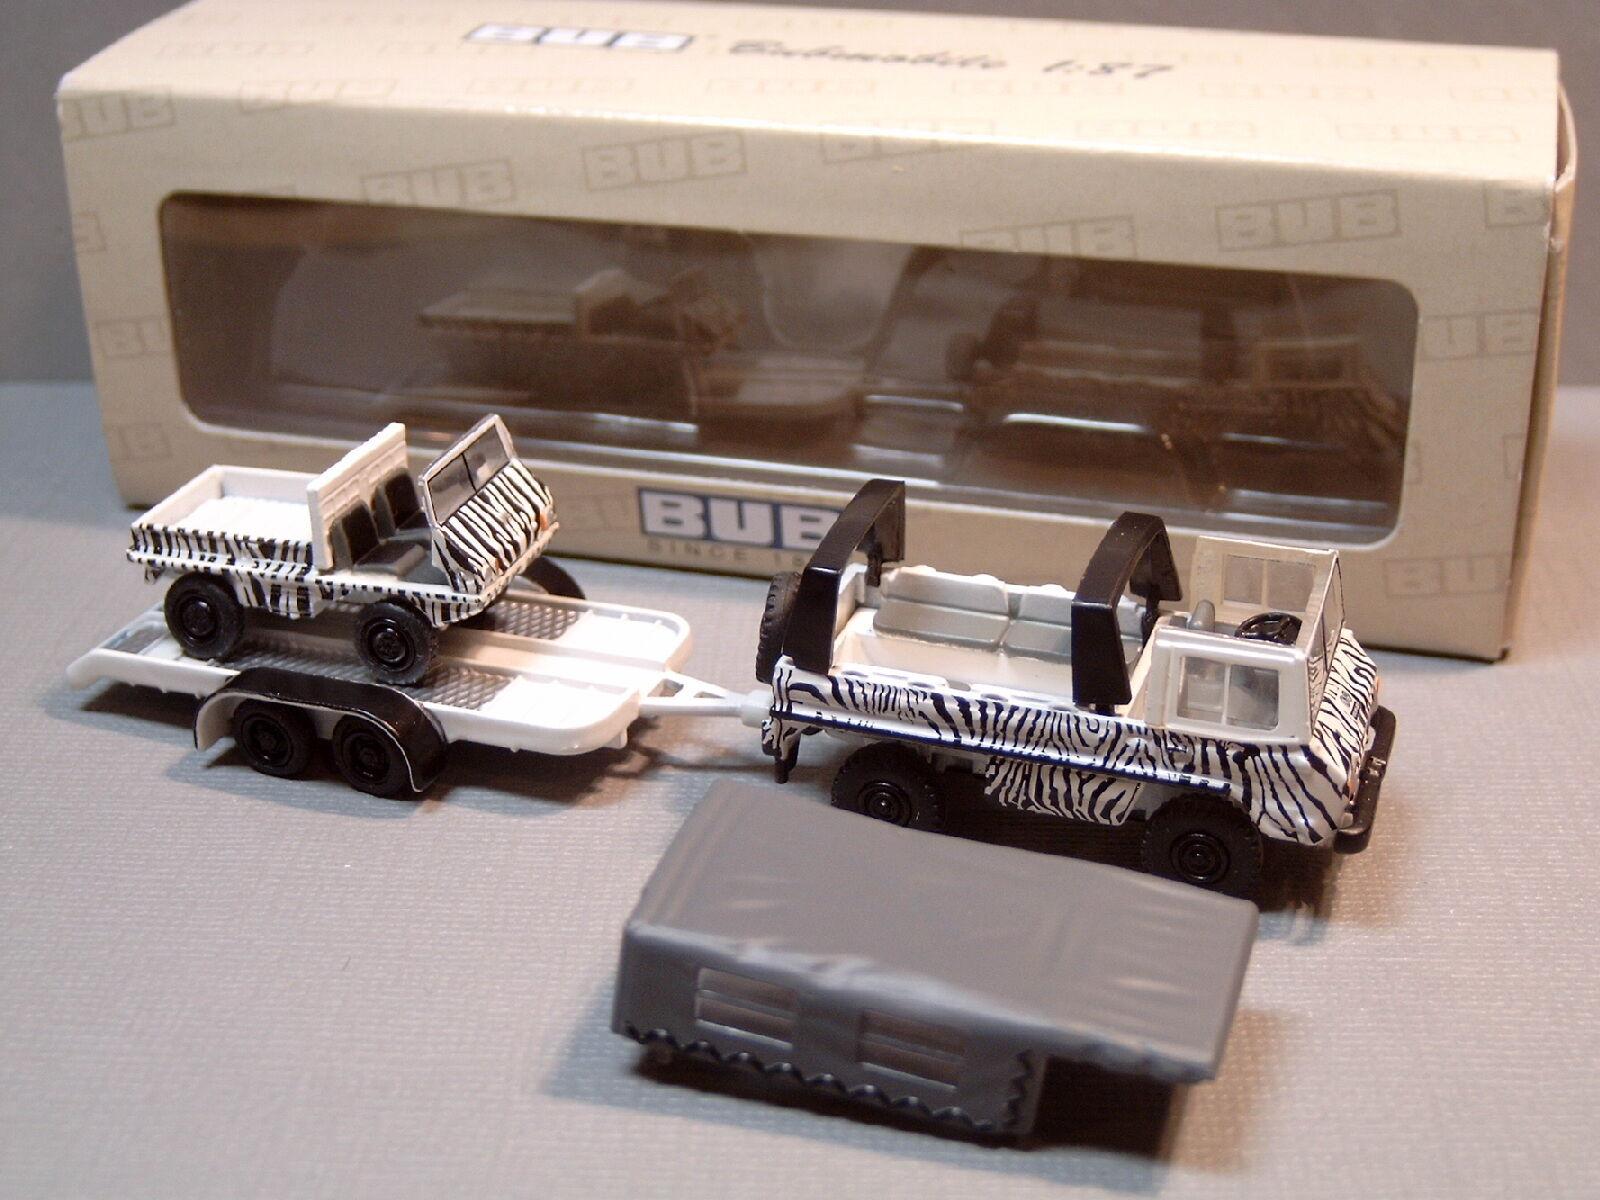 Venta en línea precio bajo descuento Bub 05554 Pinzgauer coche coche coche remolque Haflinger Safari cebra-look para Cochenaval Circus  gran descuento